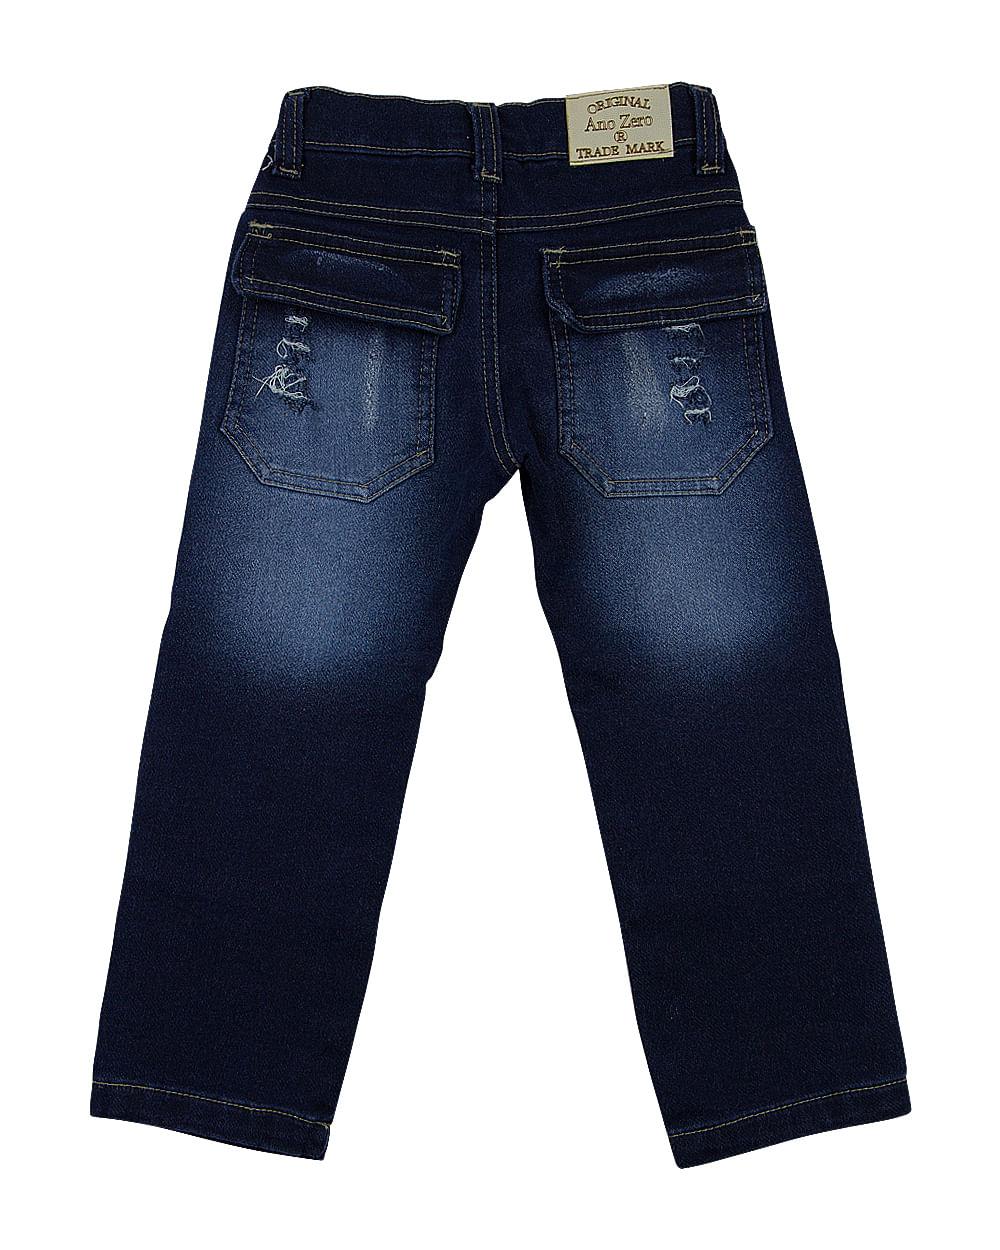 Calça Masculina Moletom Indigo - Foxton - Azul - Shop2gether